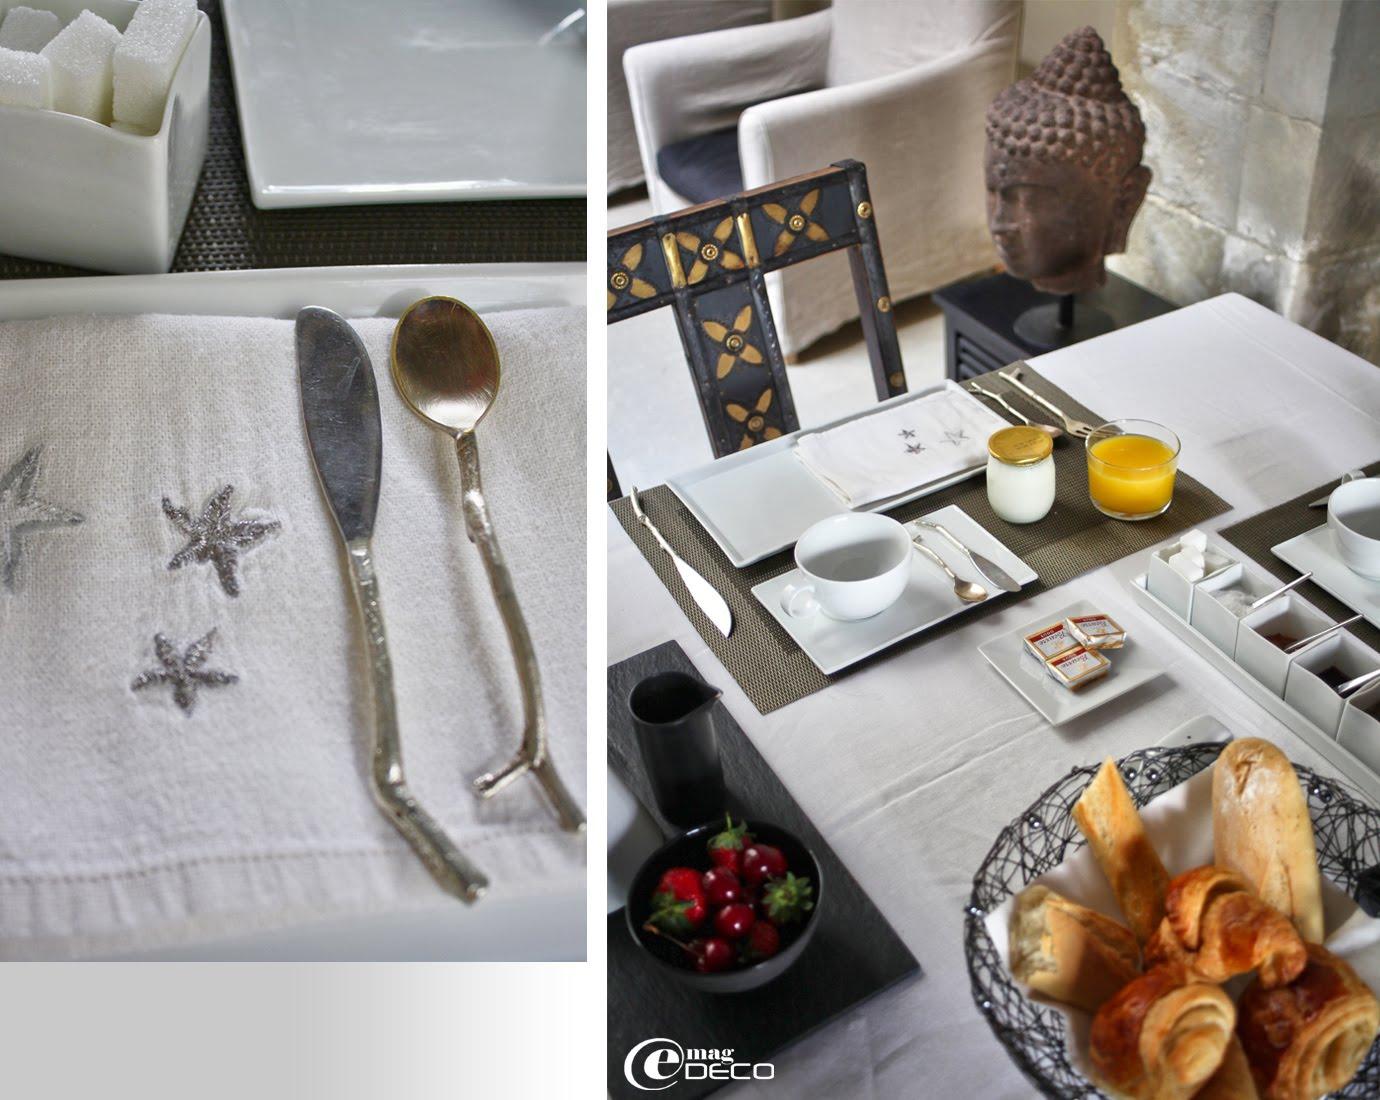 Couverts en métal argenté réalisés par un designer de New Delhi et petits-déjeuners servis à La Maison sur la Sorgue